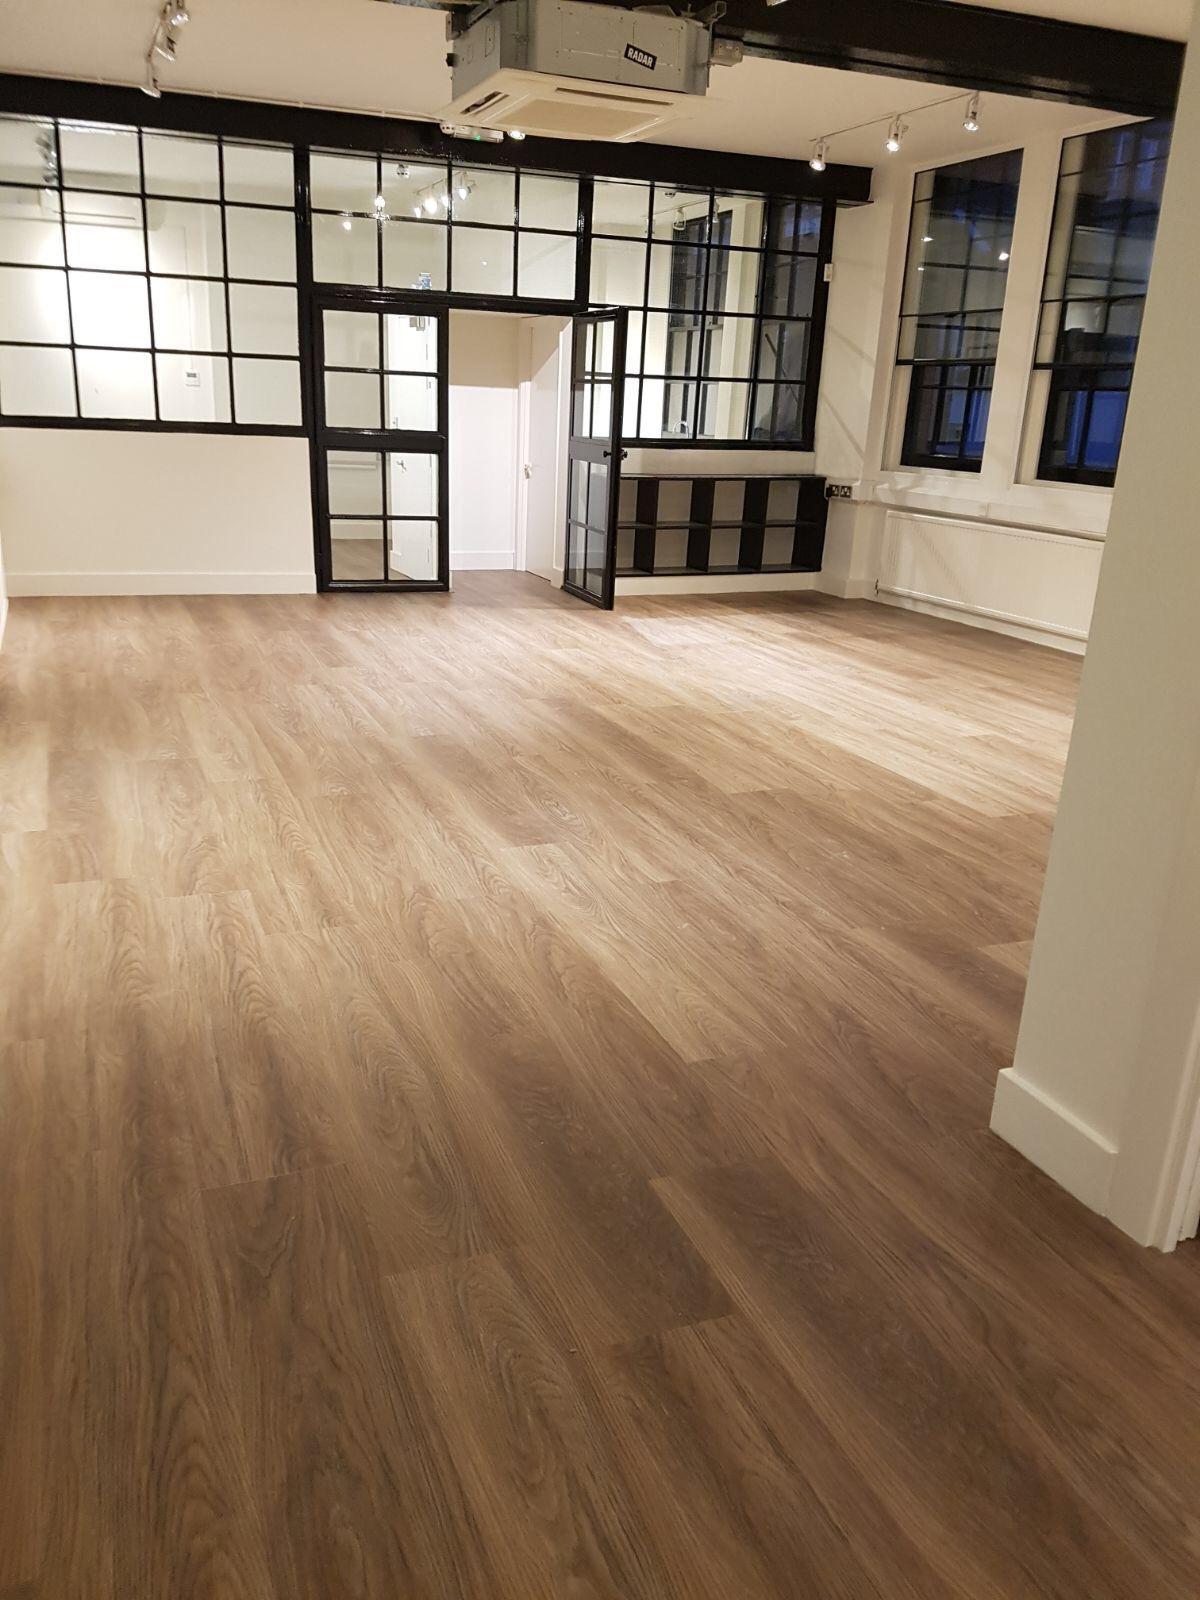 img grace before by and gumption stick after herringbone floor down peel floors flooring n diy tile